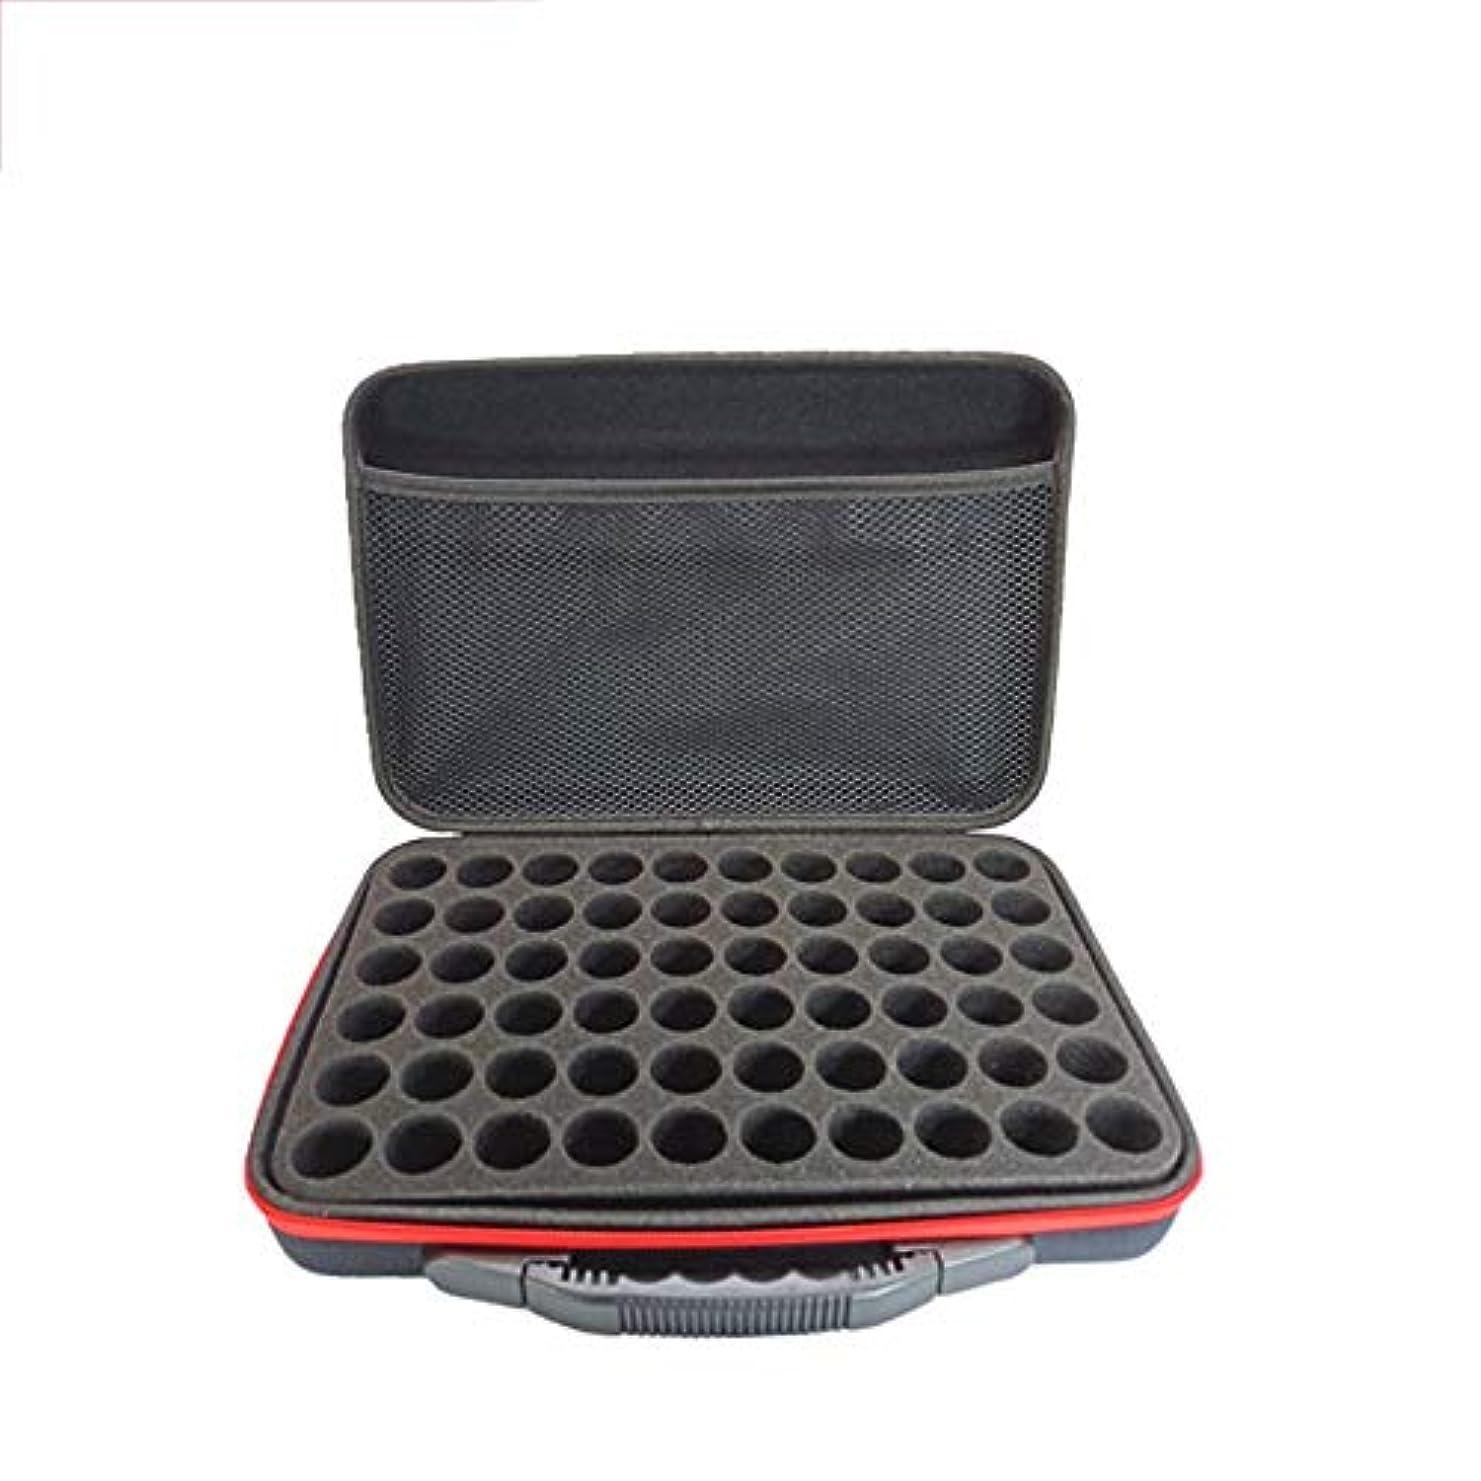 脅かす知るコードレスエッセンシャルオイルボックス ハードシェルスーツケースの油貯蔵外部保存袋は、袋15ミリリットルトラベルオーガナイザーバッグを整理する60本(上、ハンドルを運びます) アロマセラピー収納ボックス (色 : ブラック, サイズ...